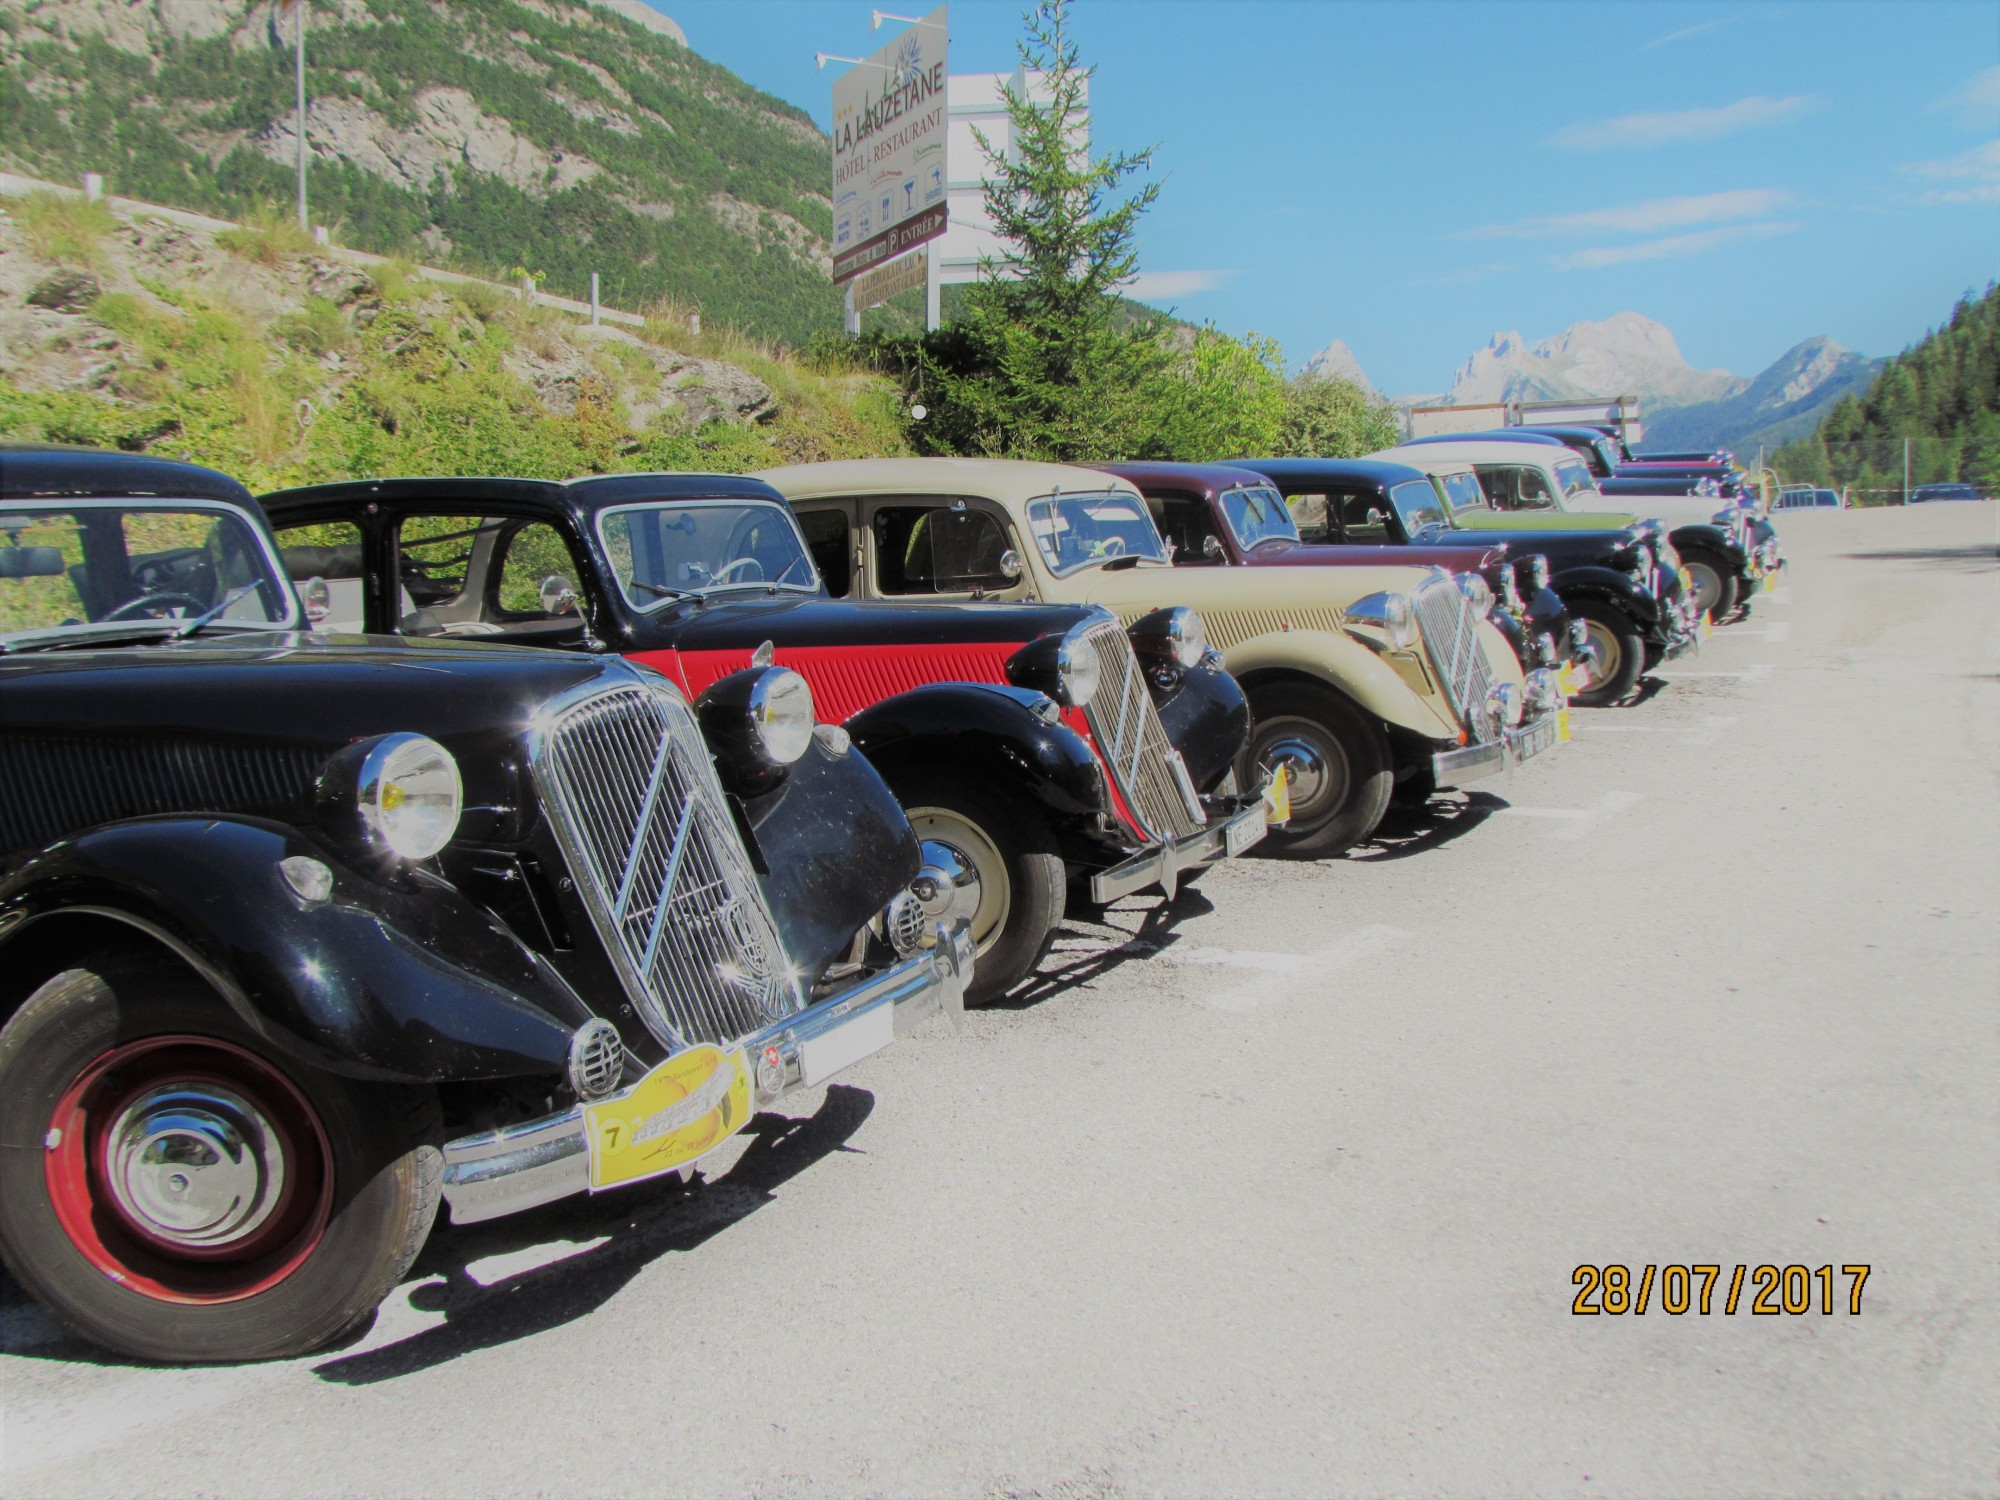 lac lauzet vallée ubaye montagnes club automobile groupe rencontre passionnés